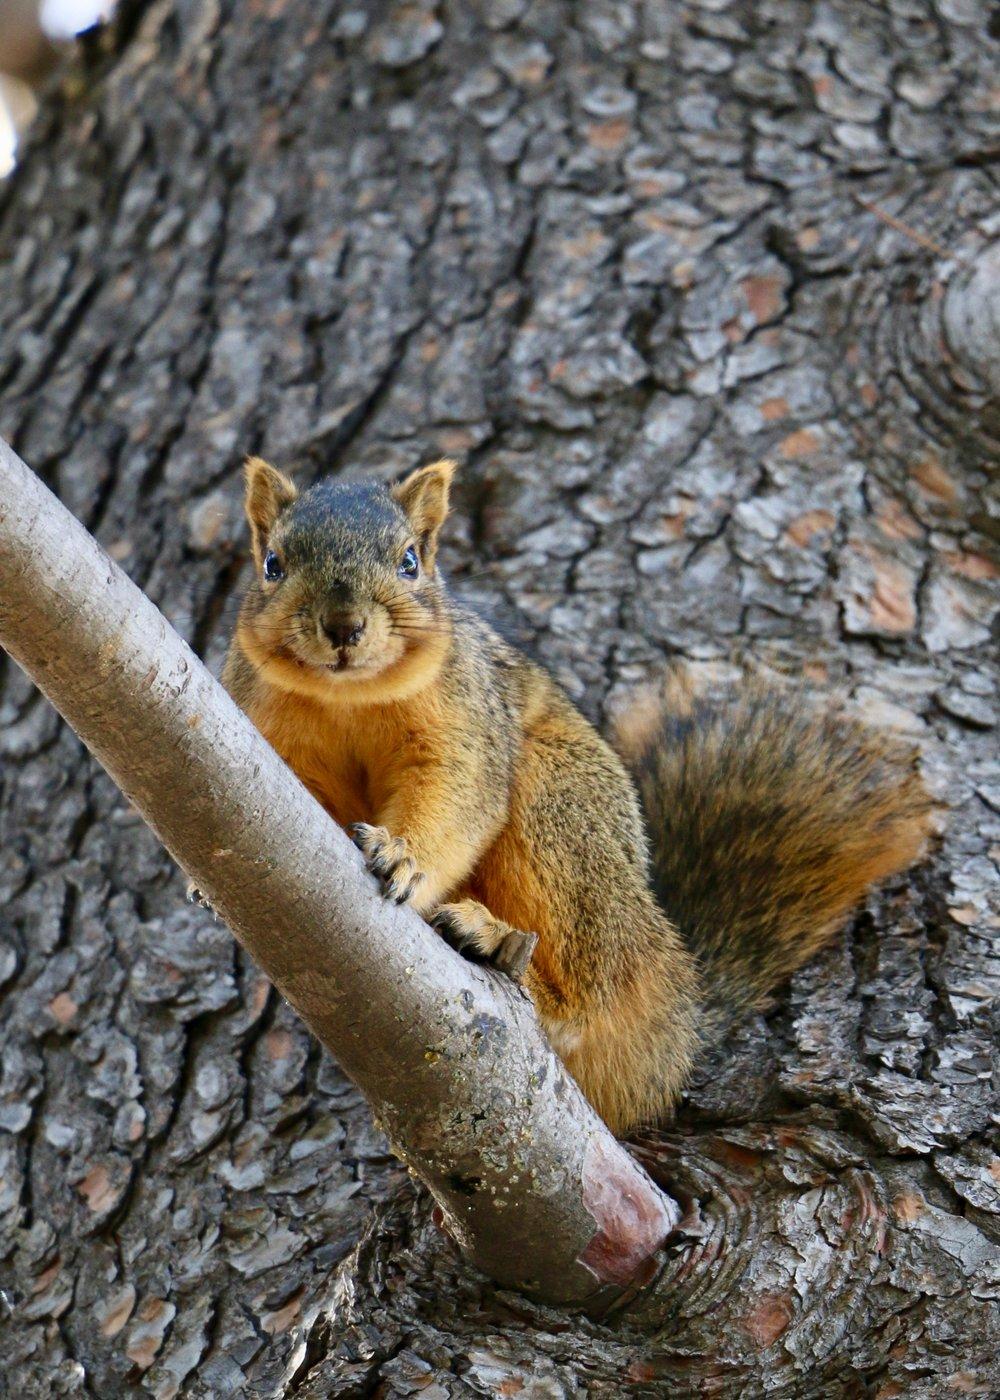 ScottVomvolakis_VomvoVisionz_Squirrel.jpg